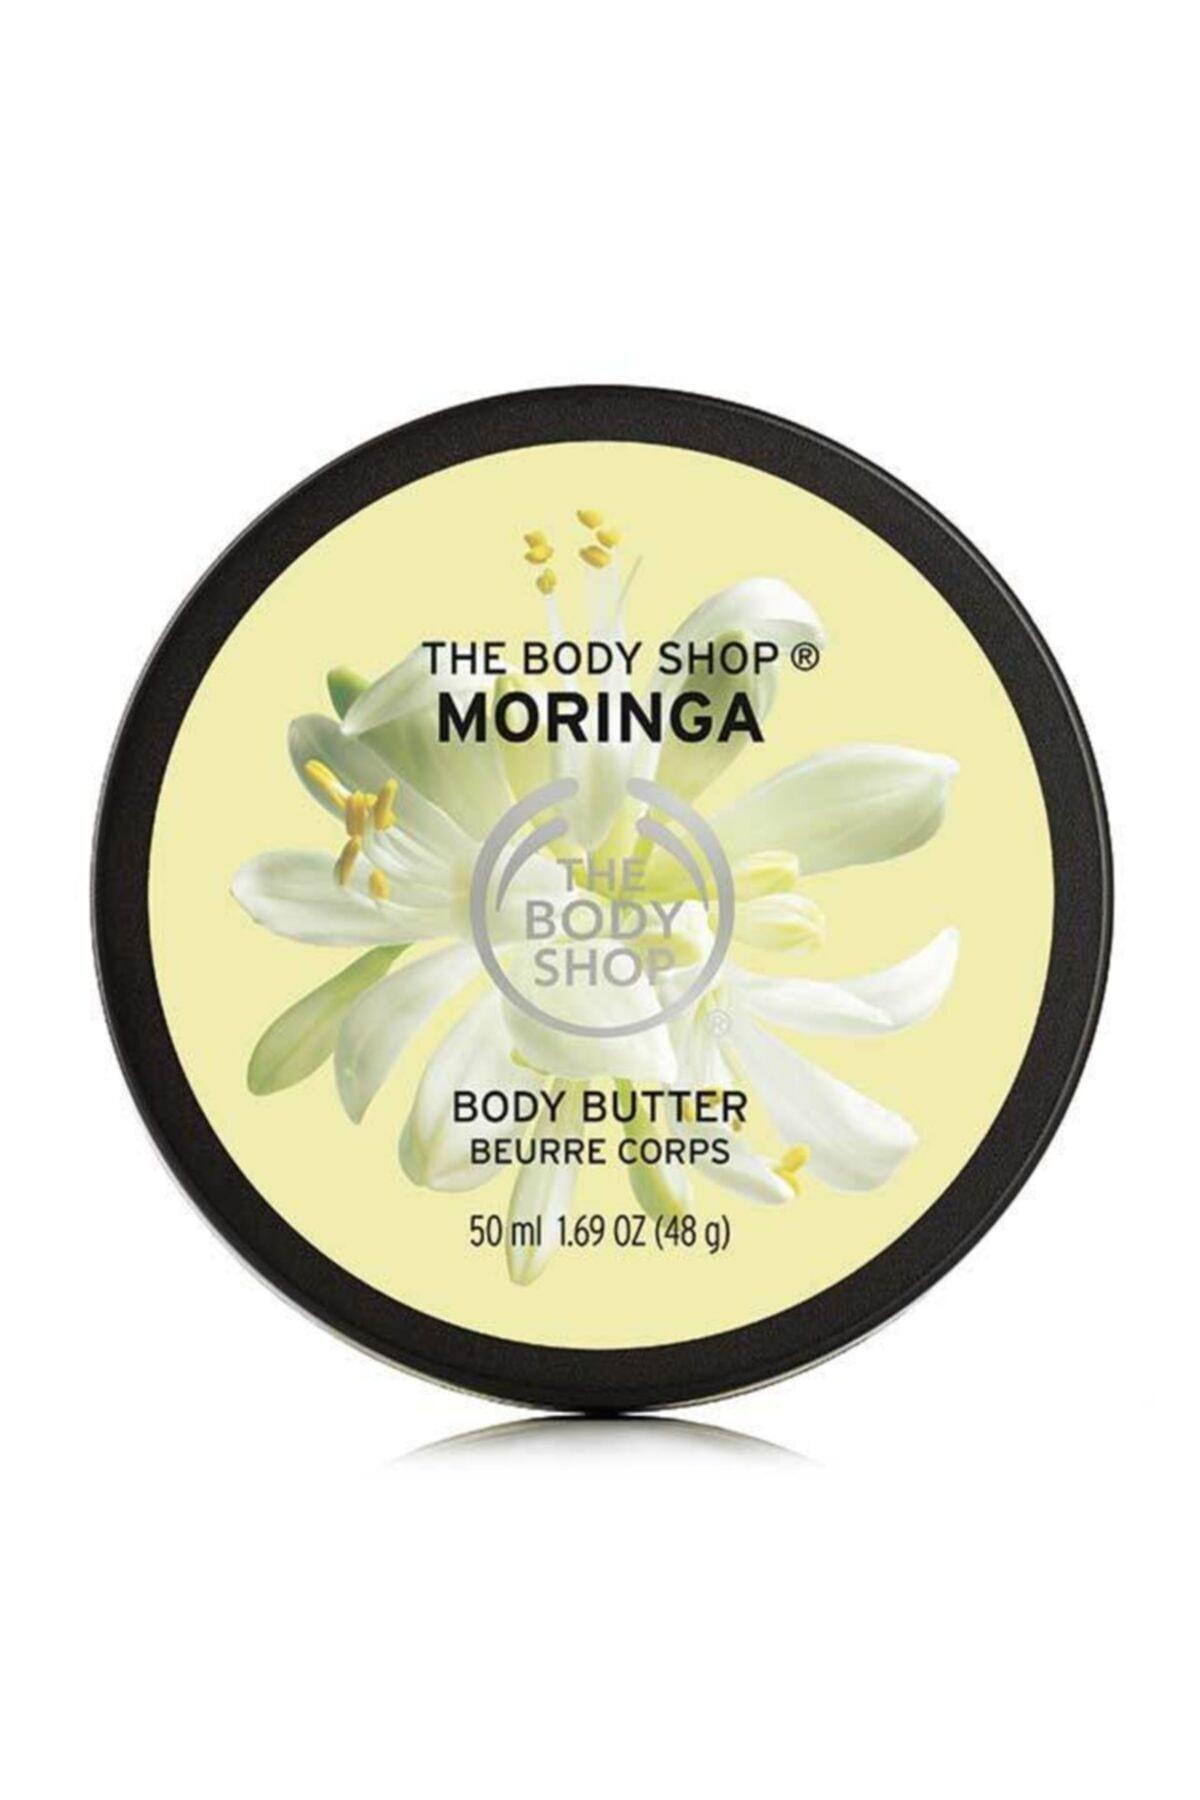 Moringa Body Butter 50ml